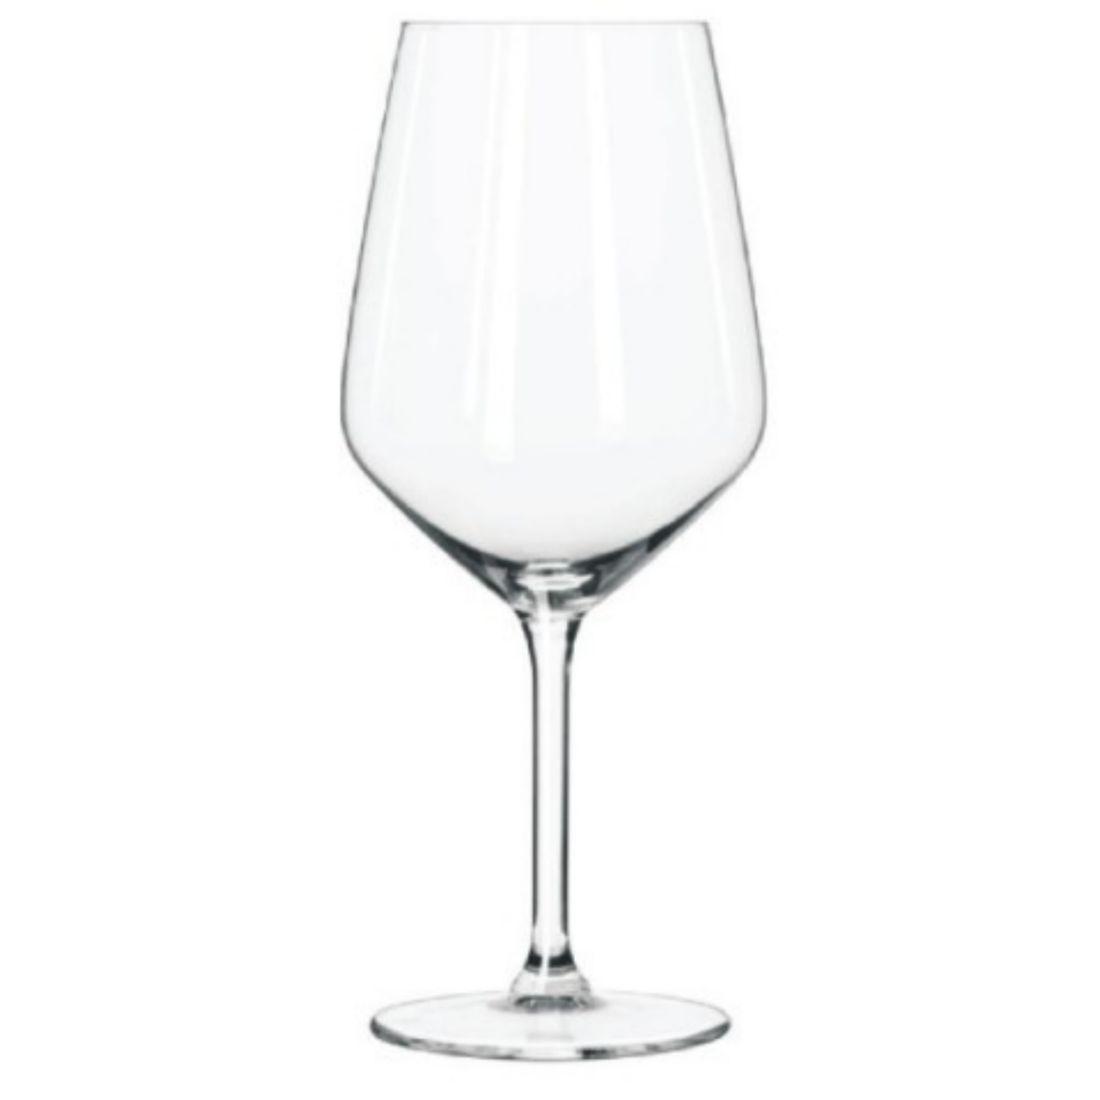 Carré, sklenička na víno 38 cl